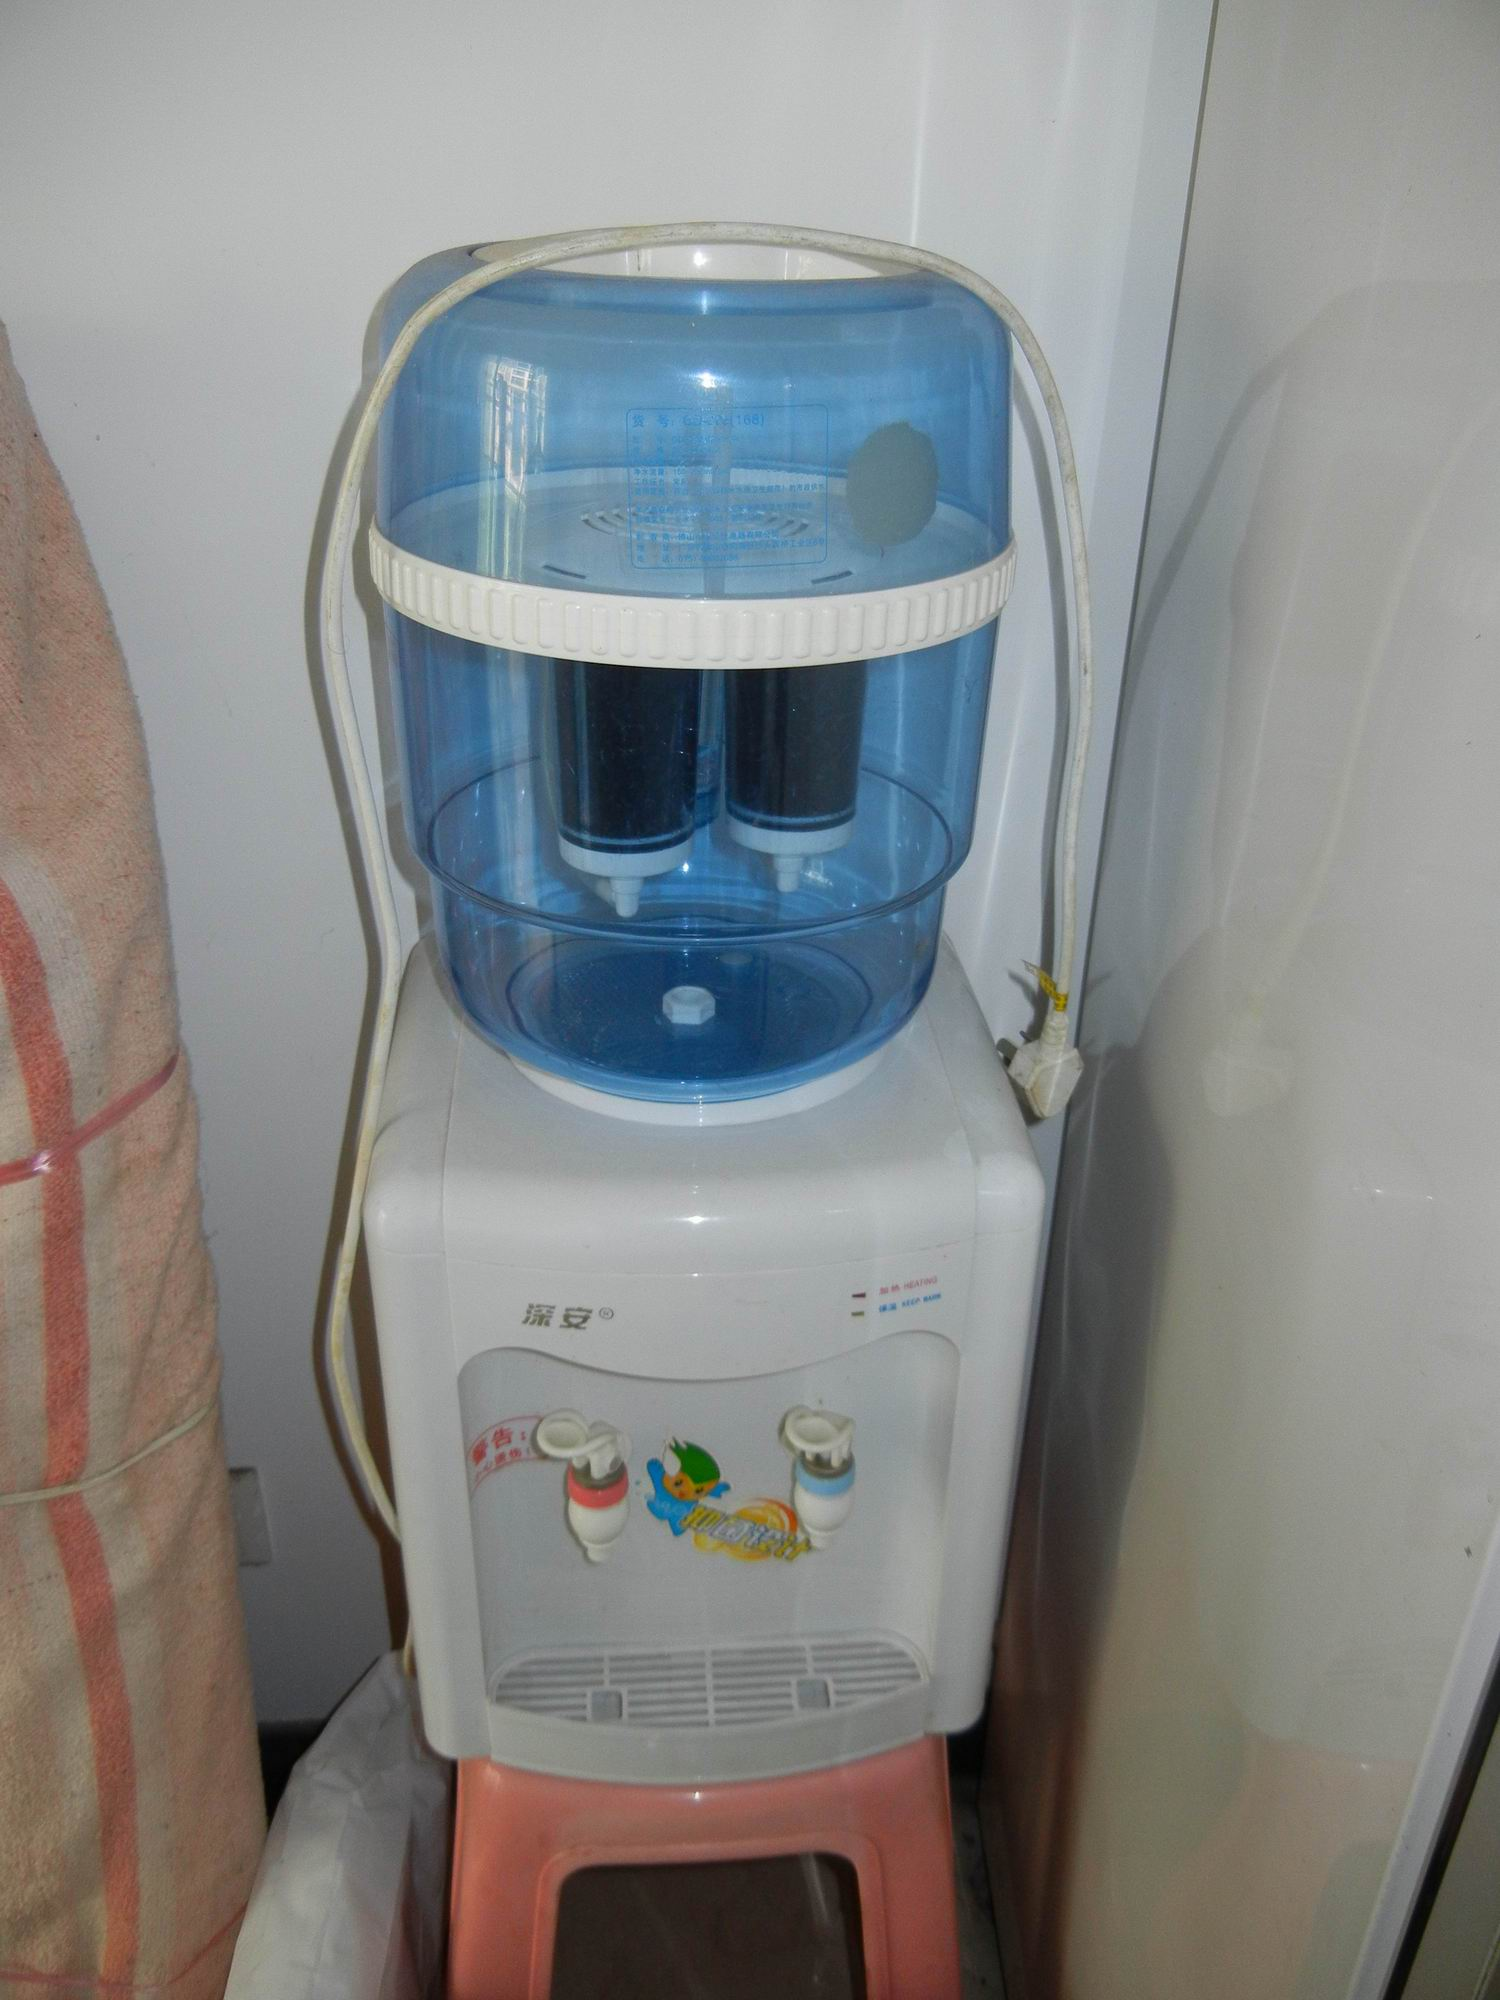 饮水机带净水桶的,全部加起来60元吧